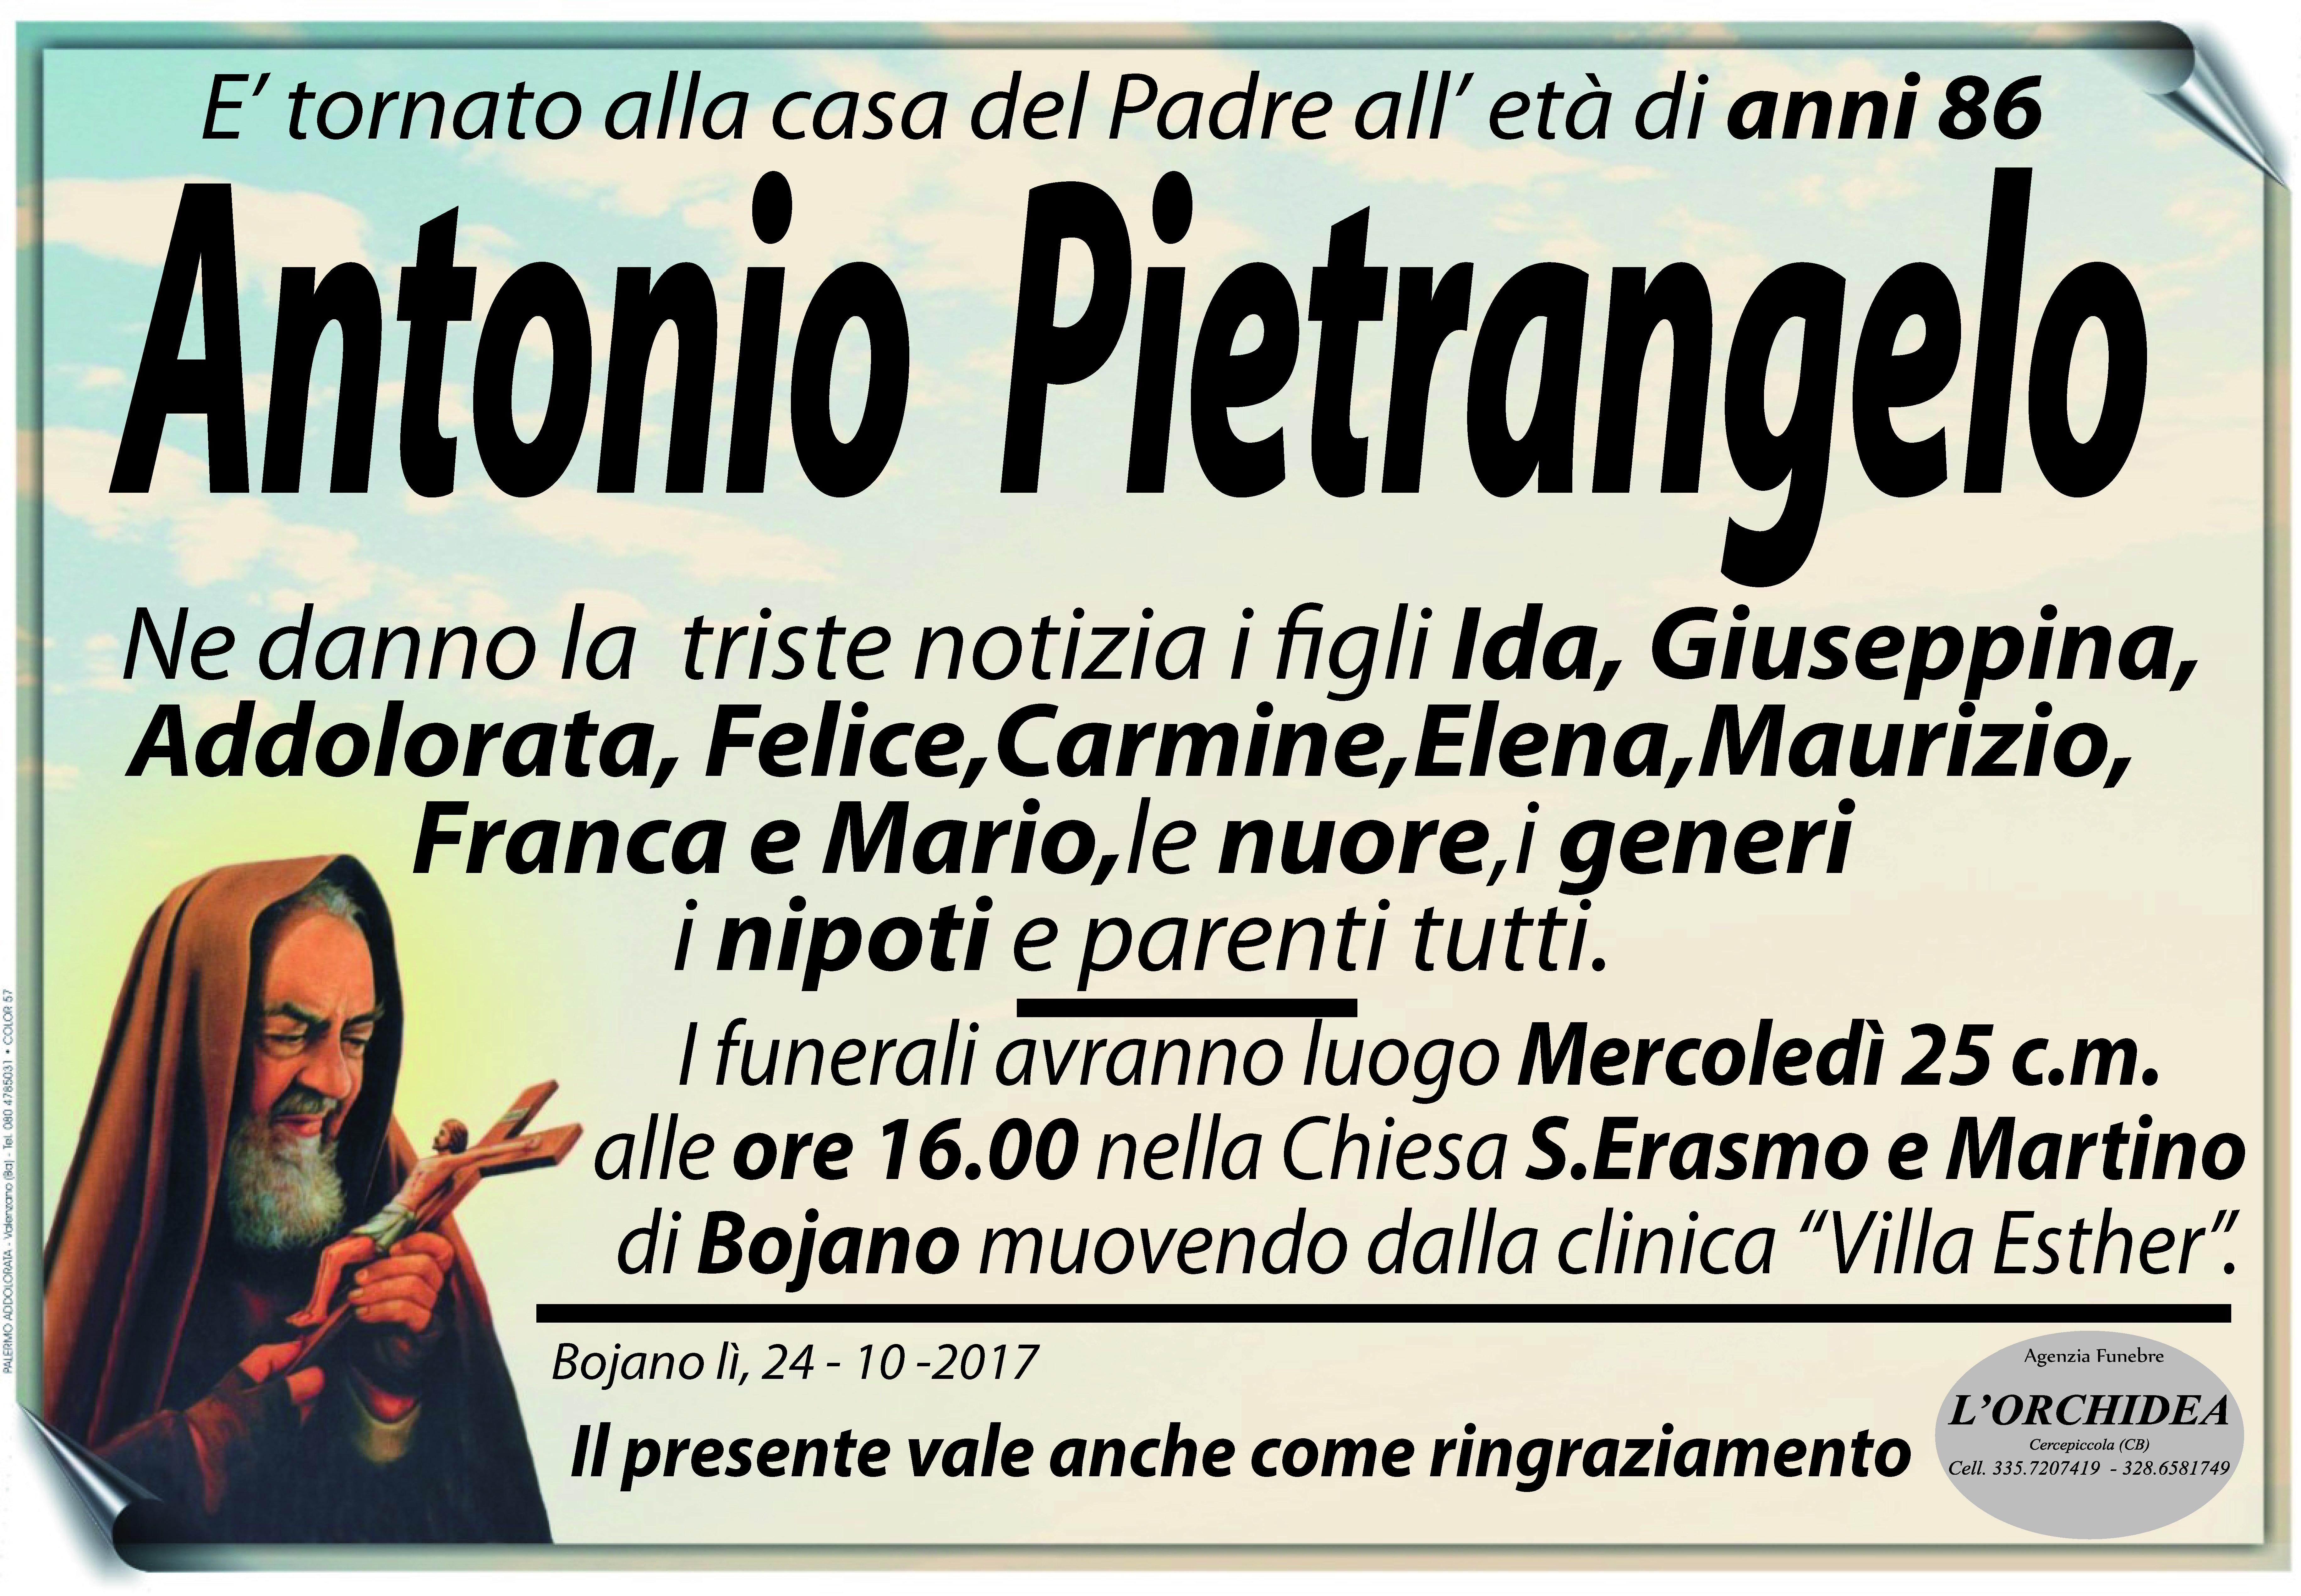 Antonio Pietrangelo, 24/10/2017, Bojano (CB) – Agenzia Funebre L'Orchidea